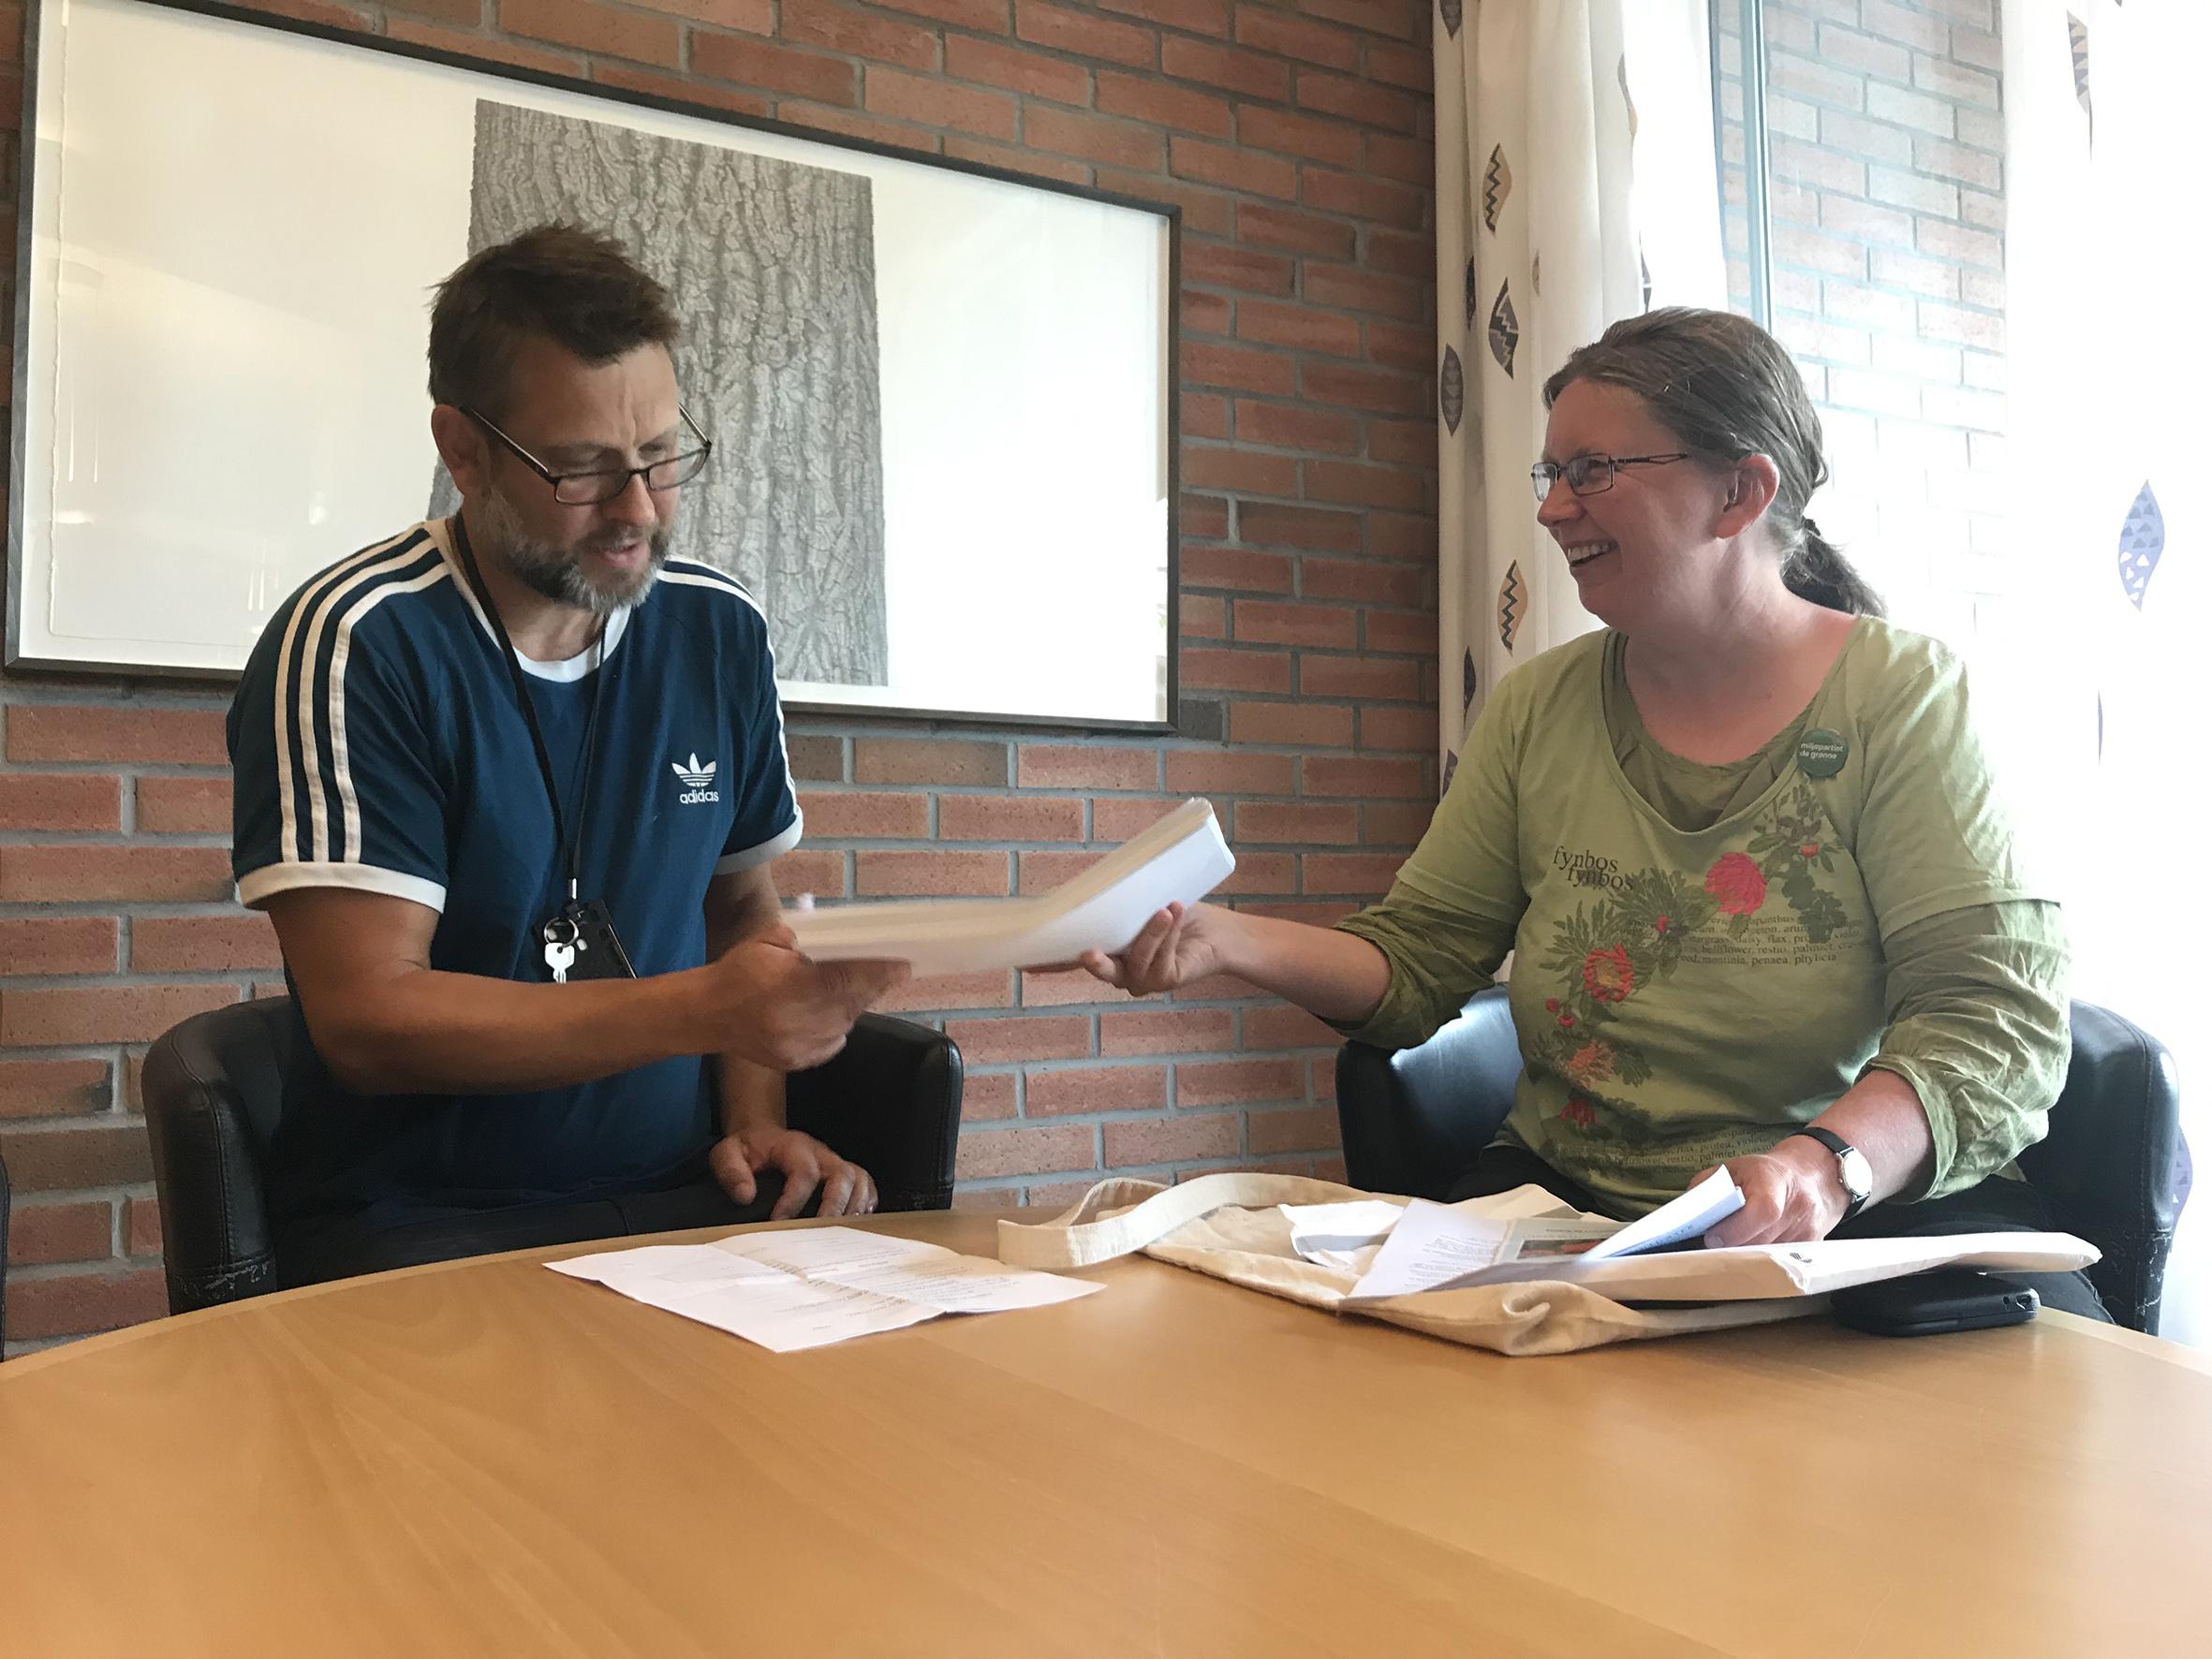 FRITT INNSYN: Marte Rostvåg Ulltveit-Moe Overrekker Sine Partipolitiske Papirer Til Statsarkivet I Kristiansand For Fritt Innsyn Fra Publikum.